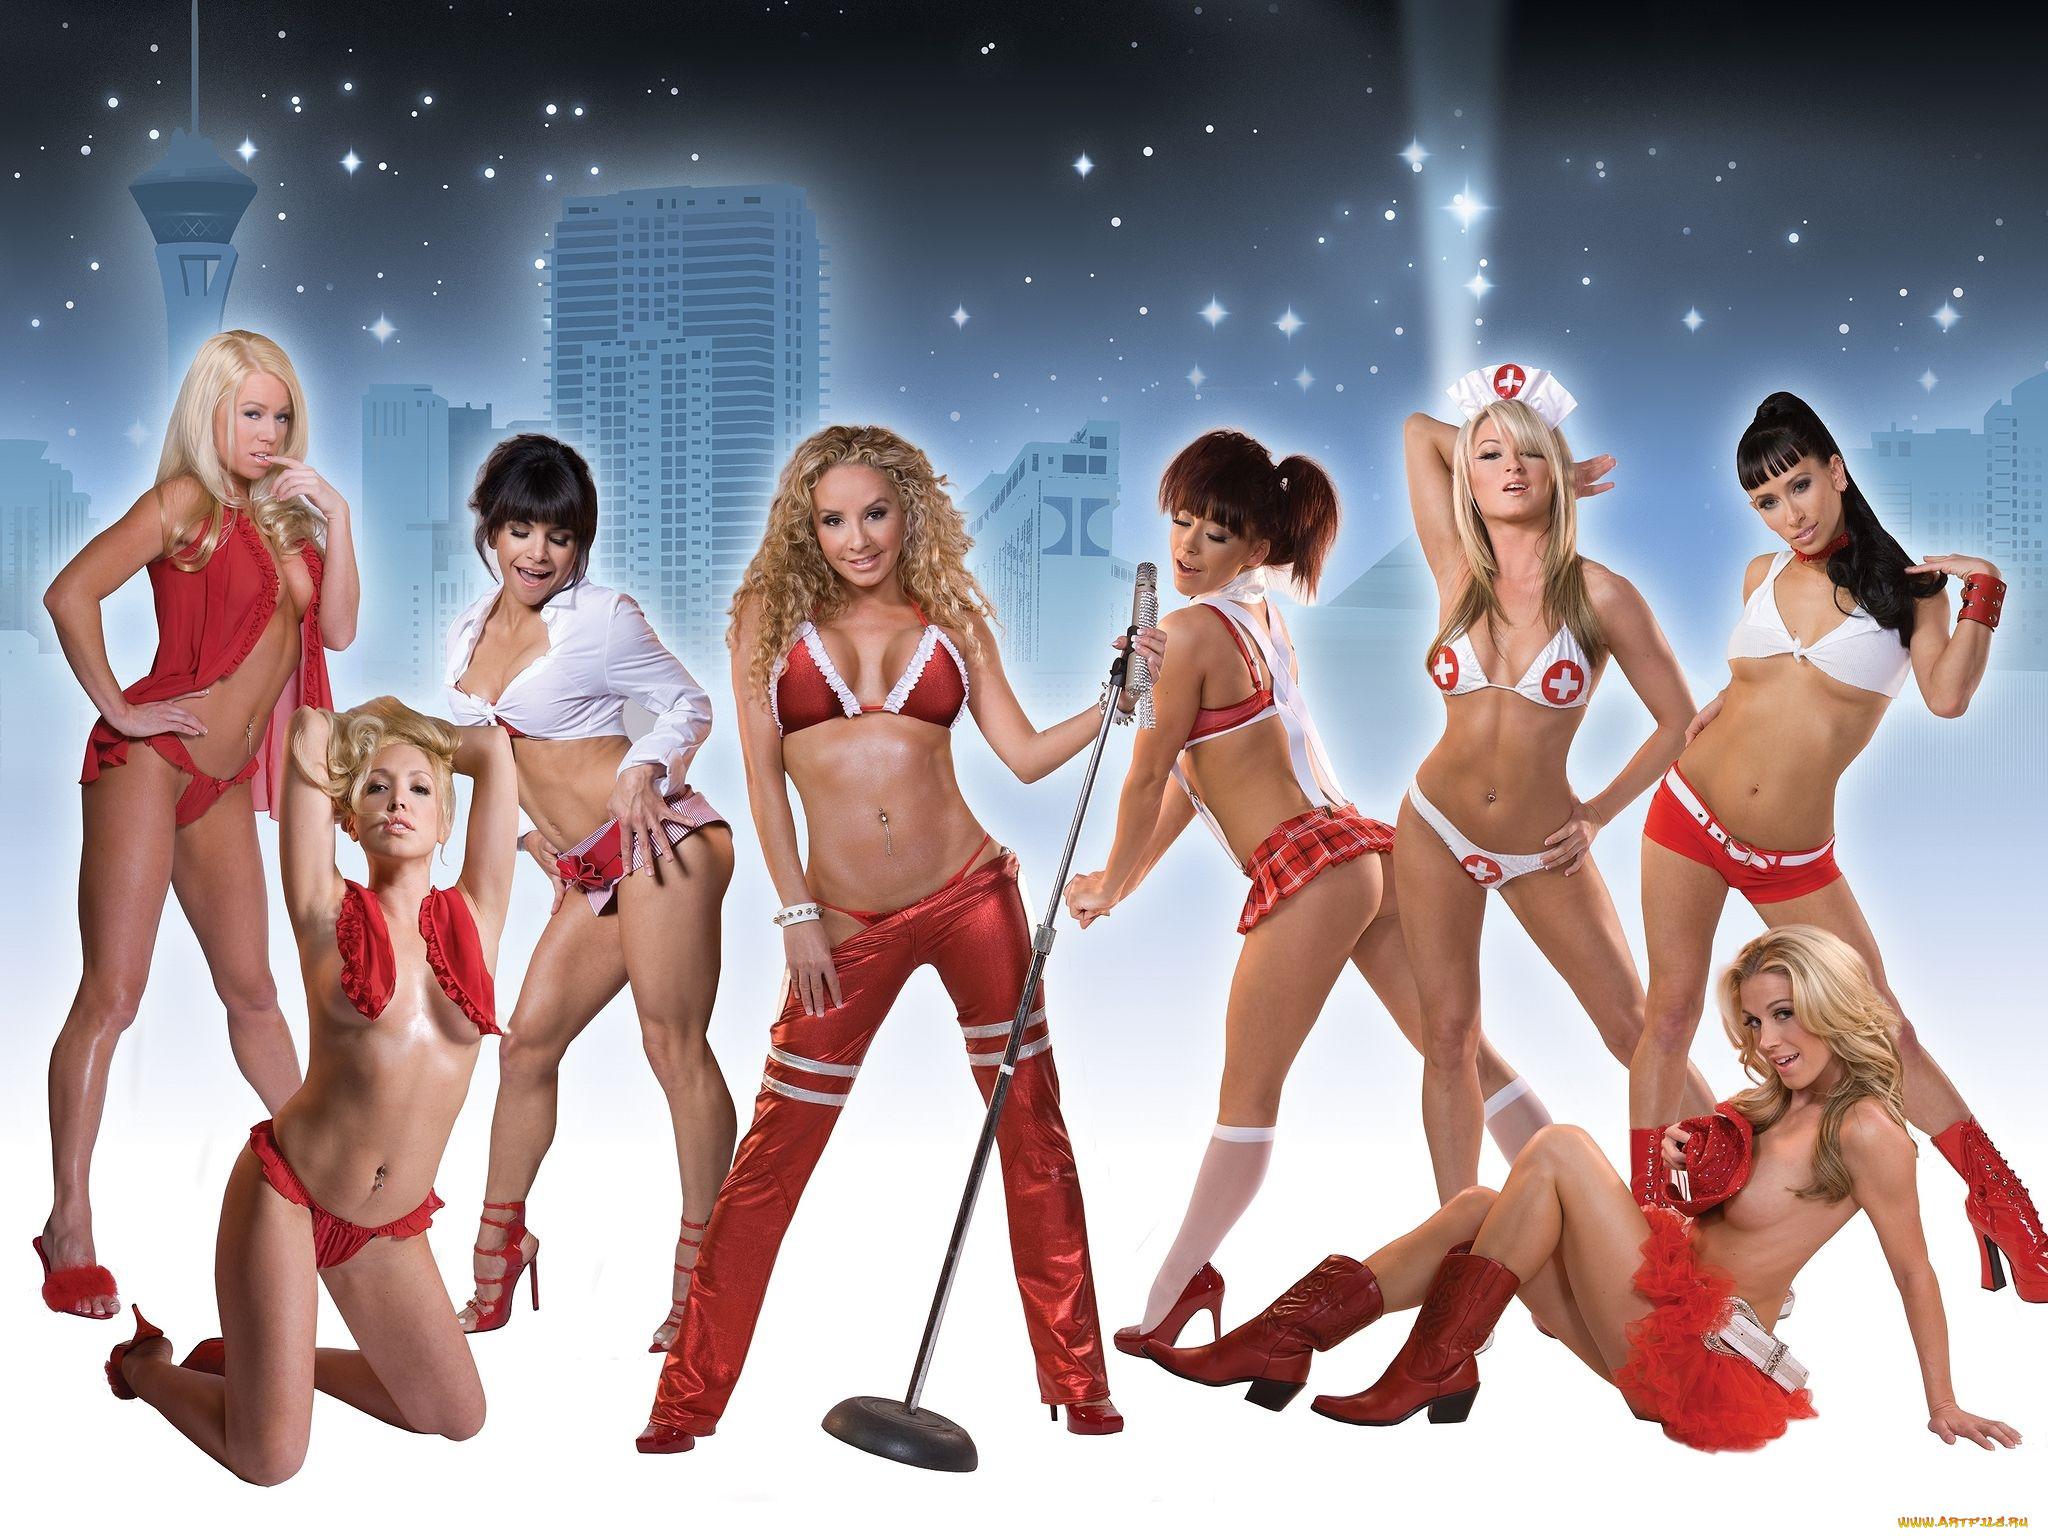 Группа Голых Девочек Порно